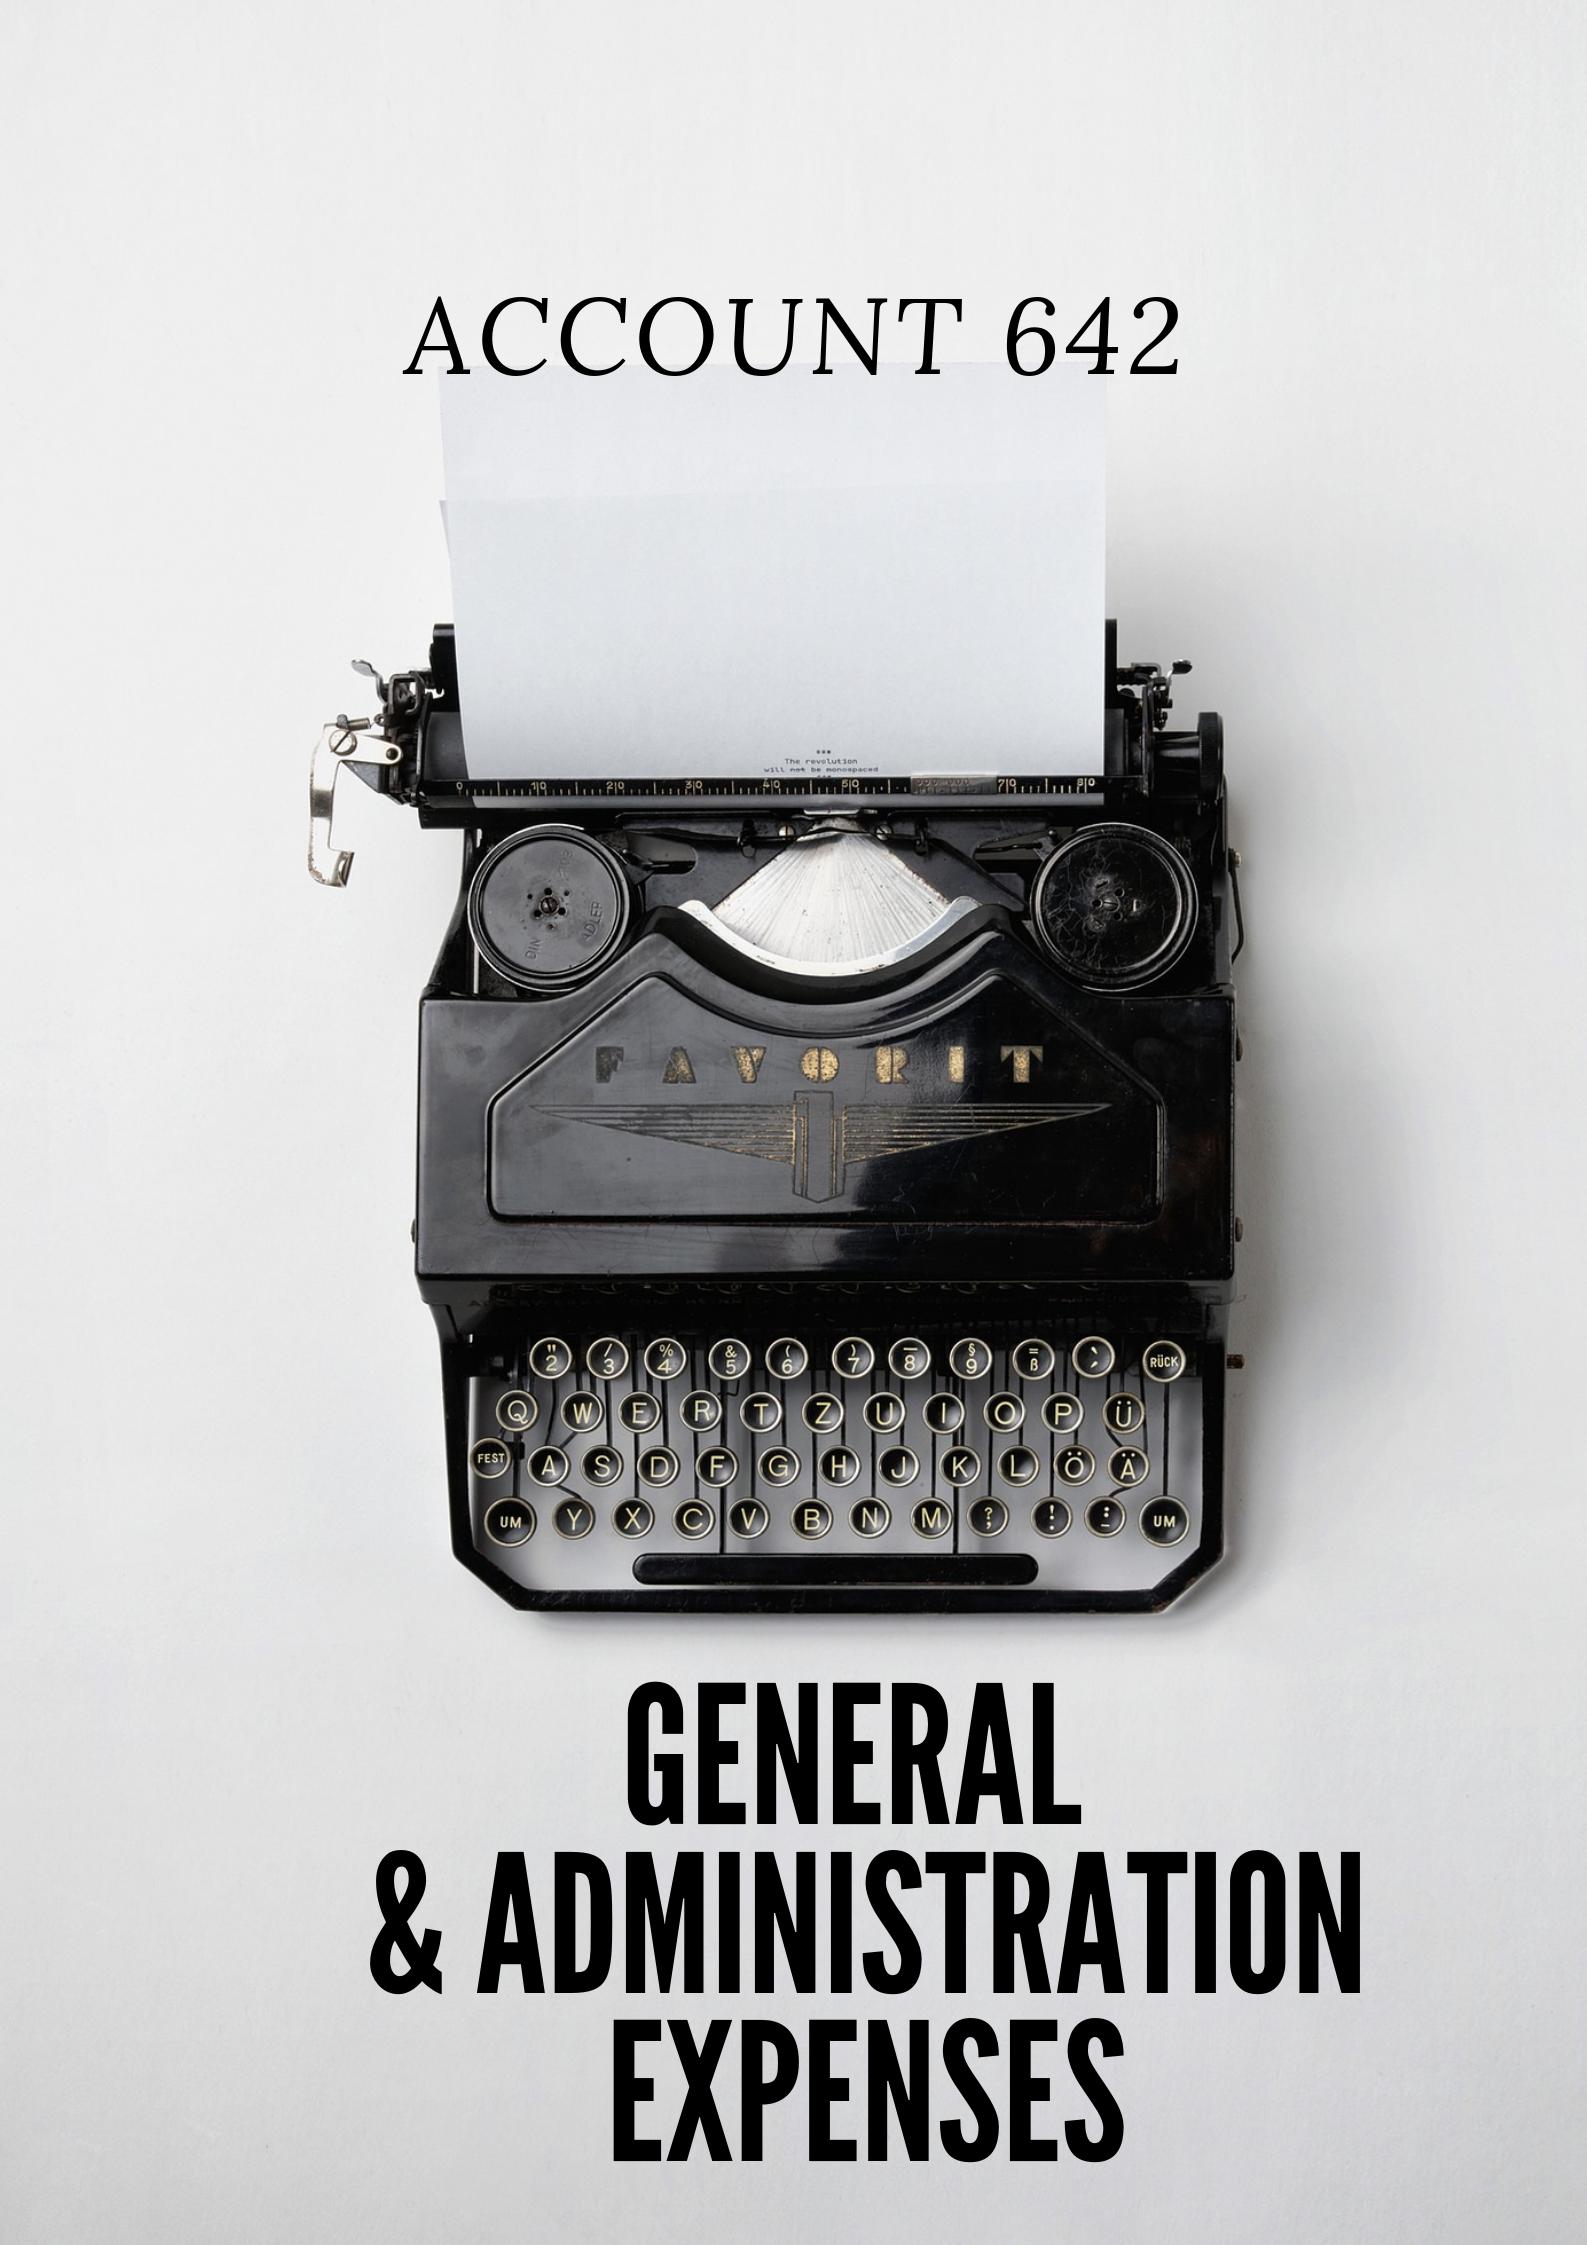 chi phí quản lí doanh nghiệp (general & administration expenses) là gì?